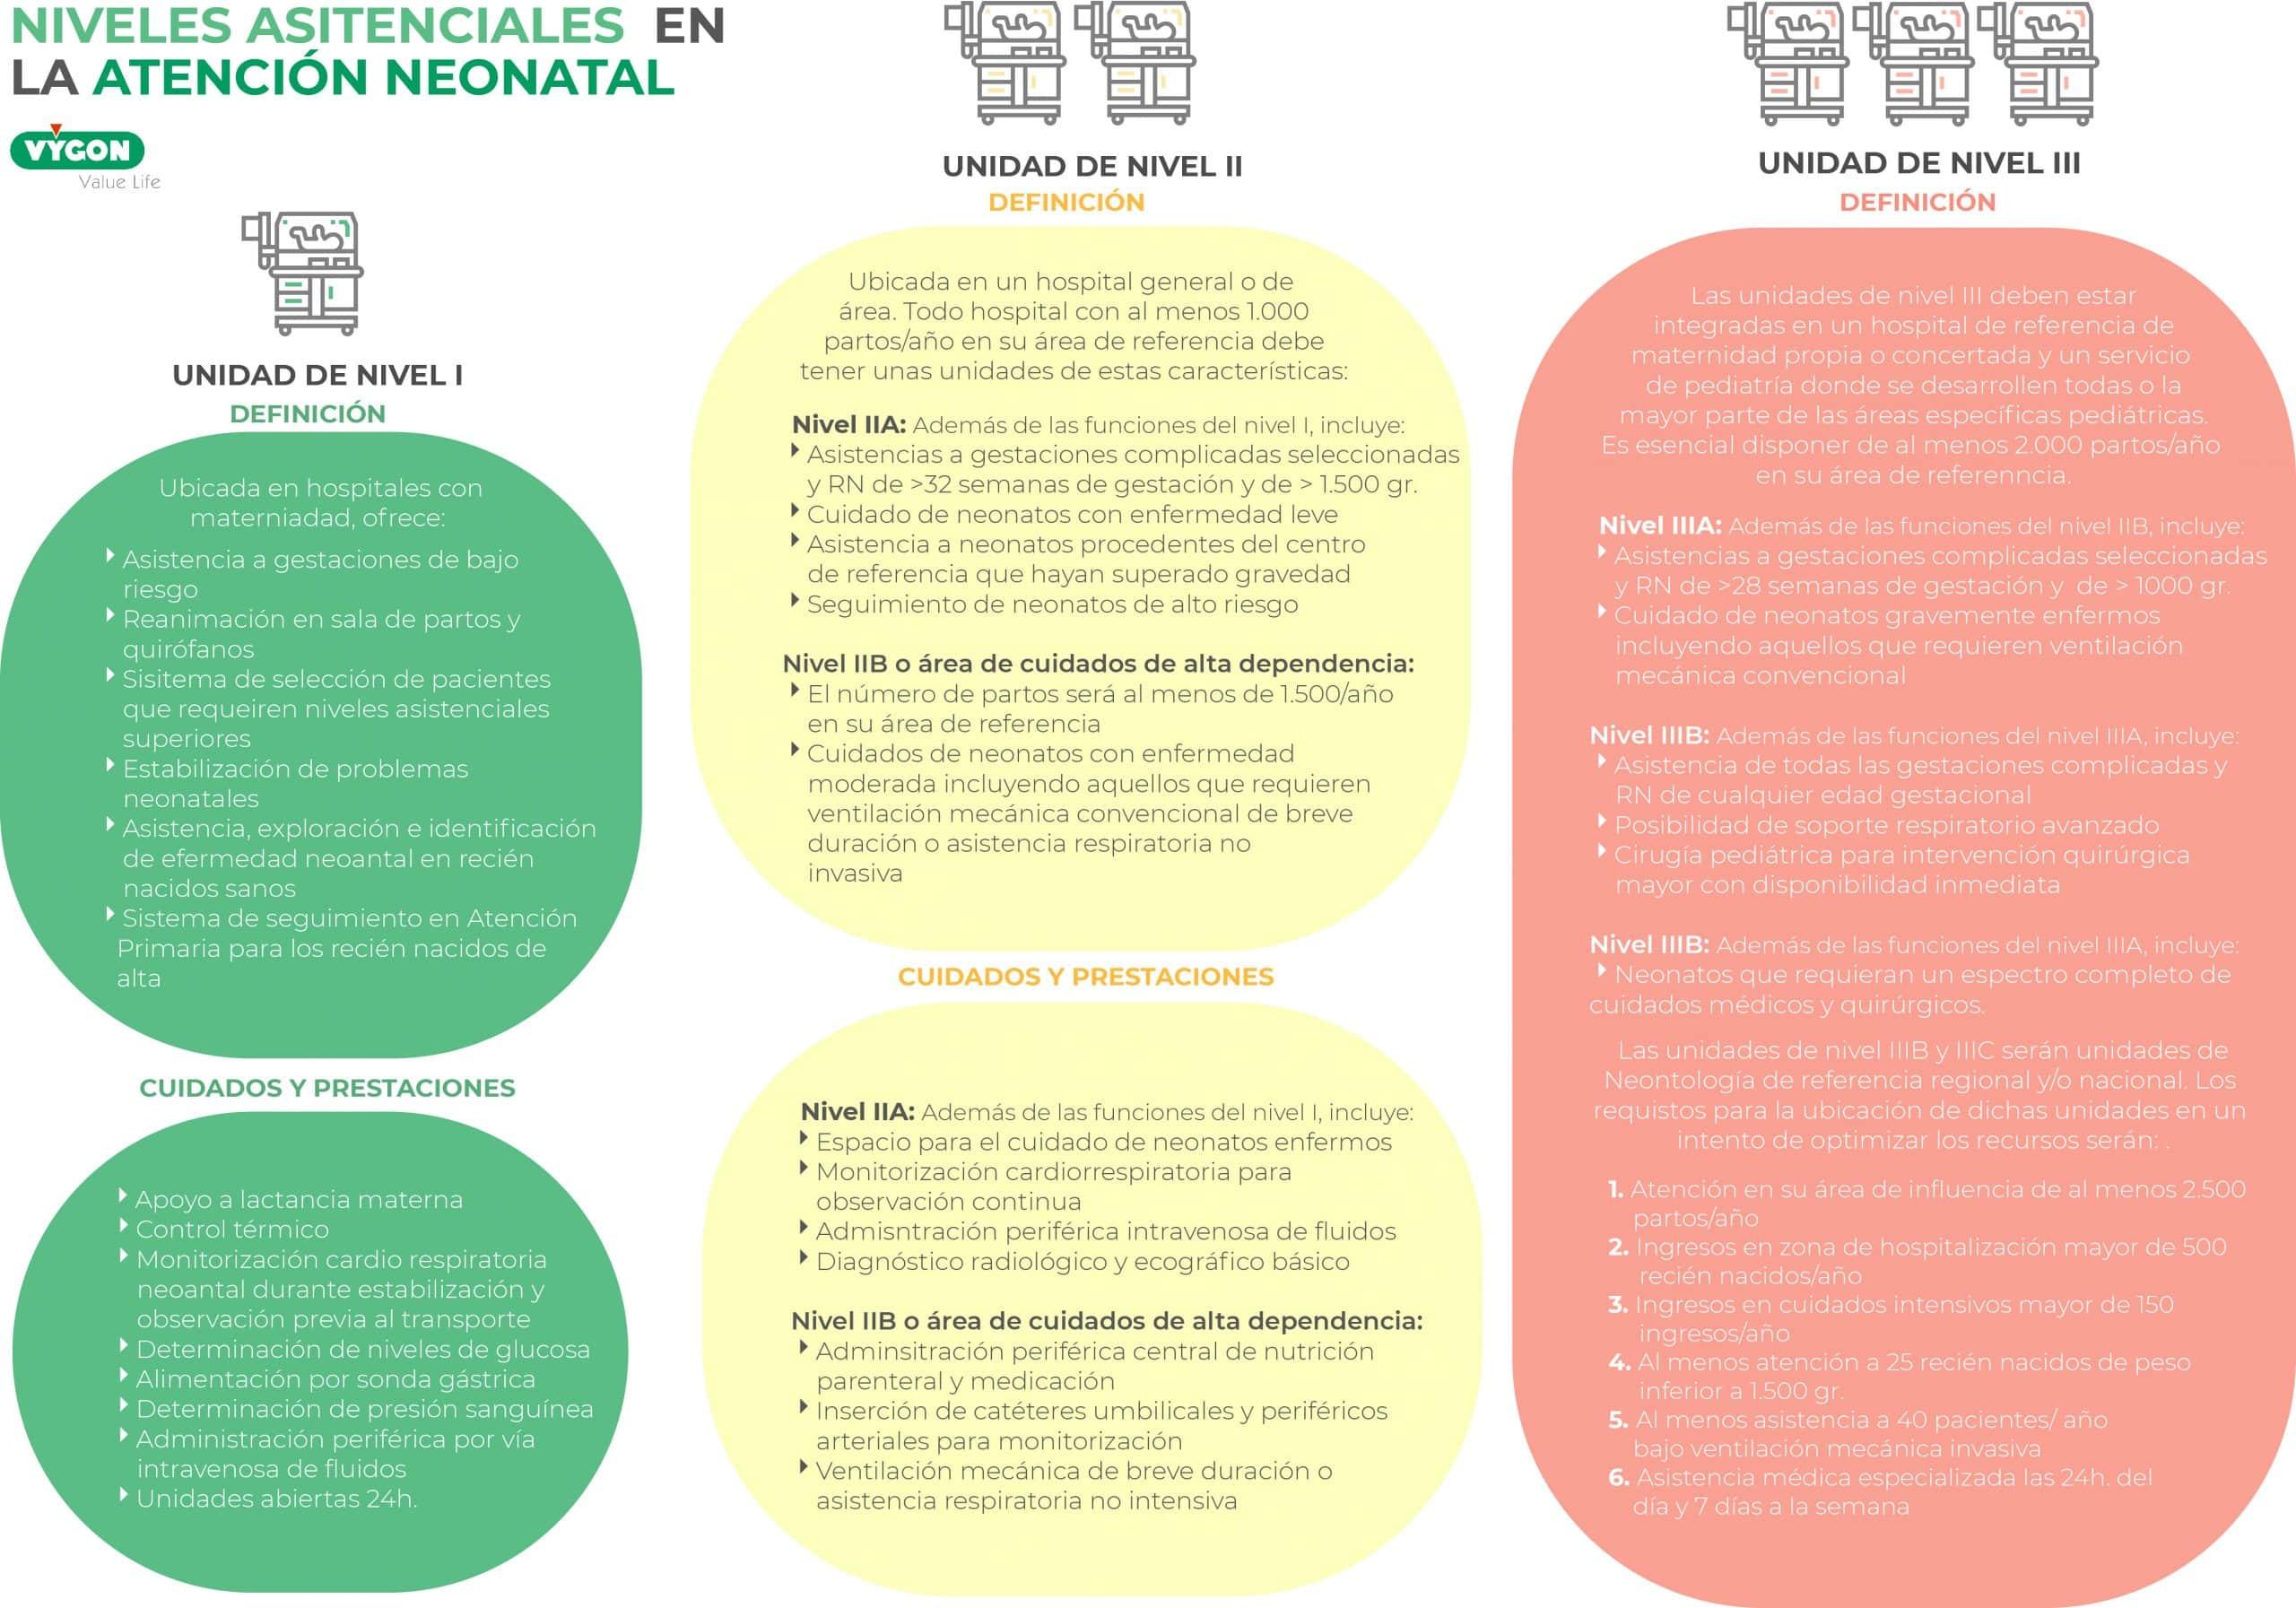 Niveles asistenciales UCIN